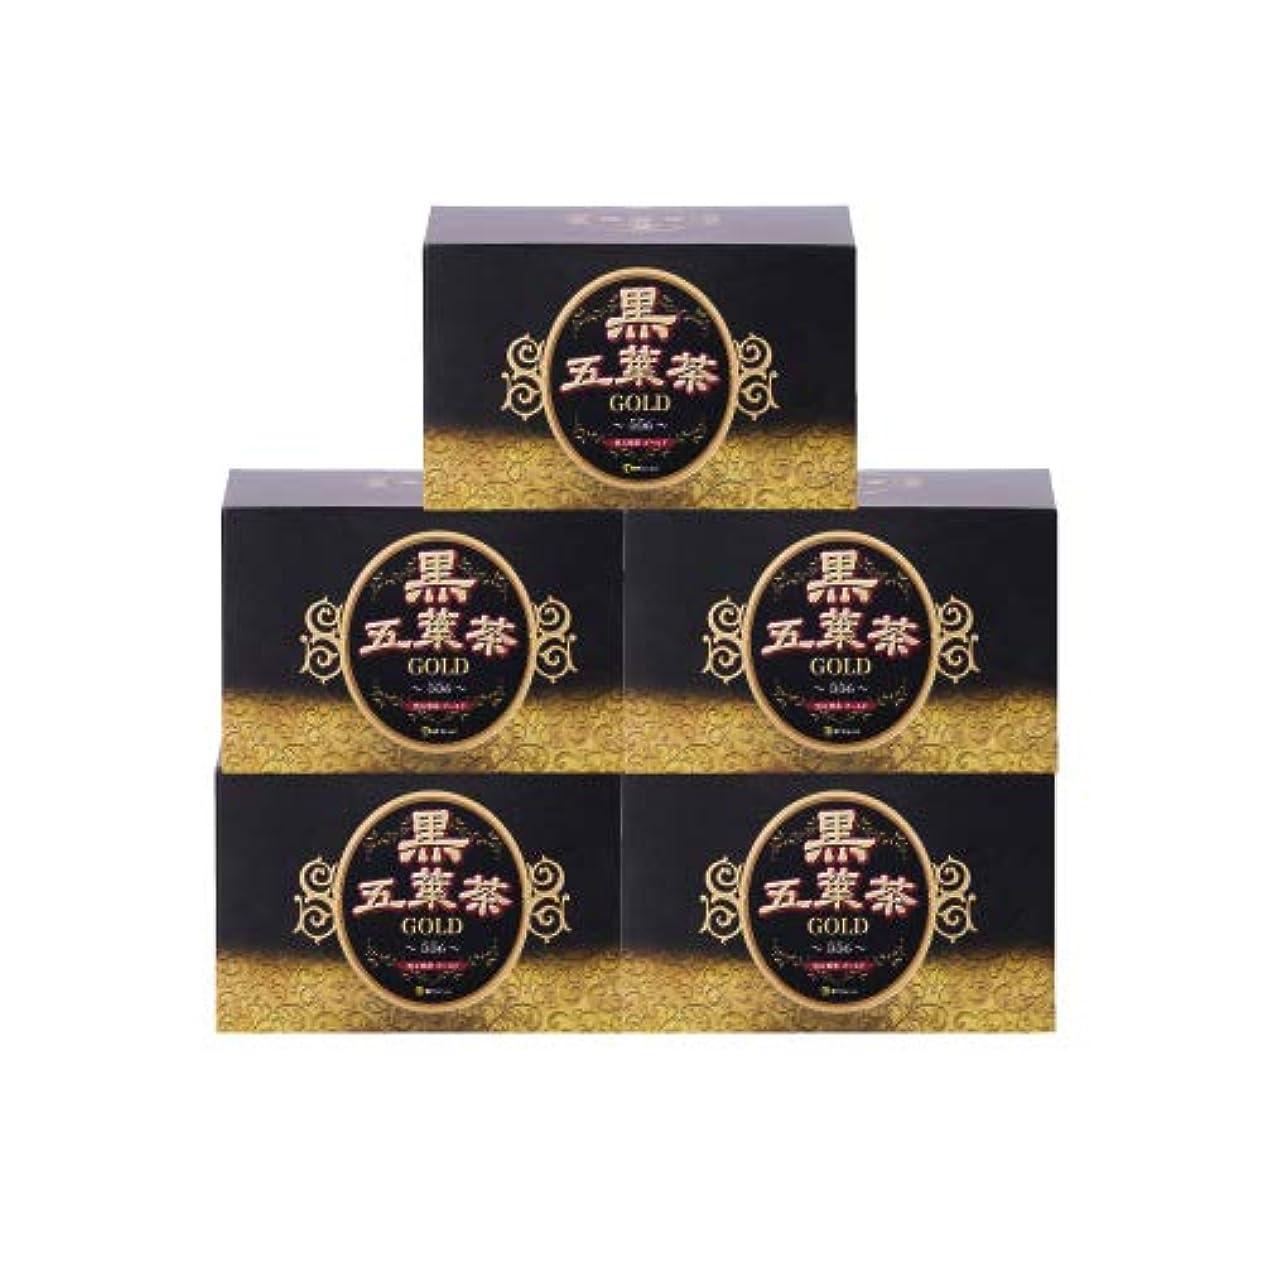 タクシー損なう商品黒五葉茶ゴールド 30包 5箱セット ダイエット ダイエット茶 ダイエットティー ハーブティー 難消化性デキストリン